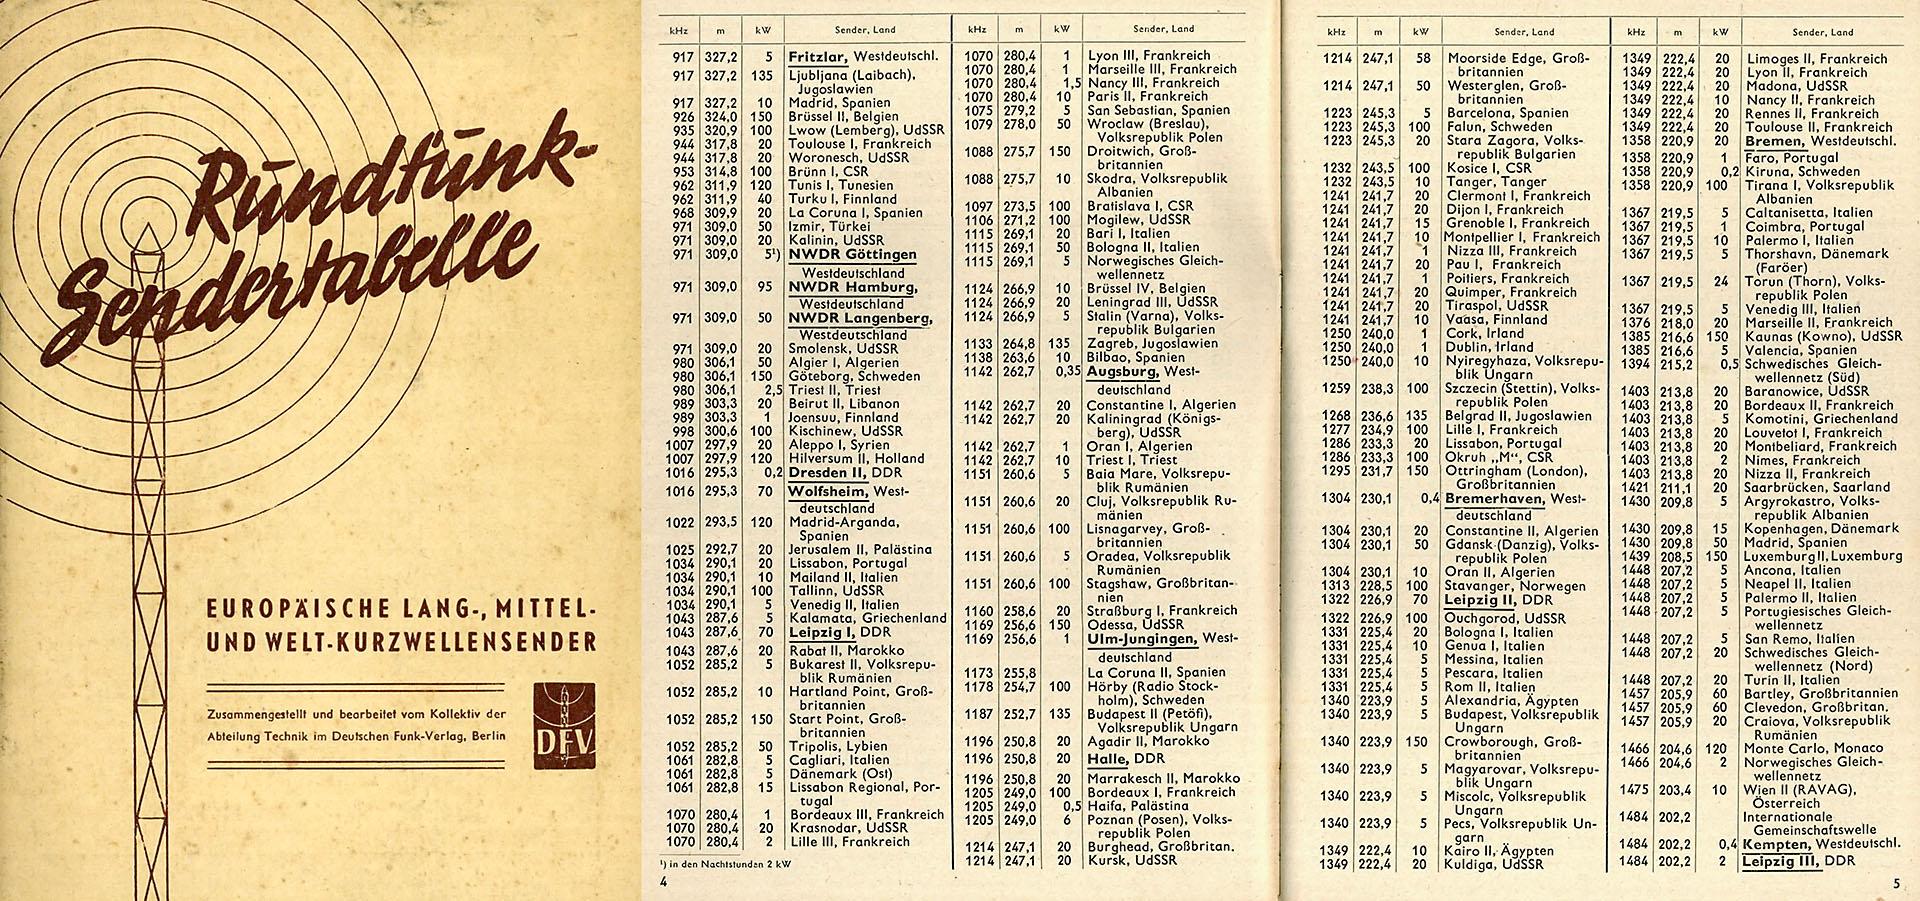 Rundfunk - Sendertabelle - Autorenkollektiv